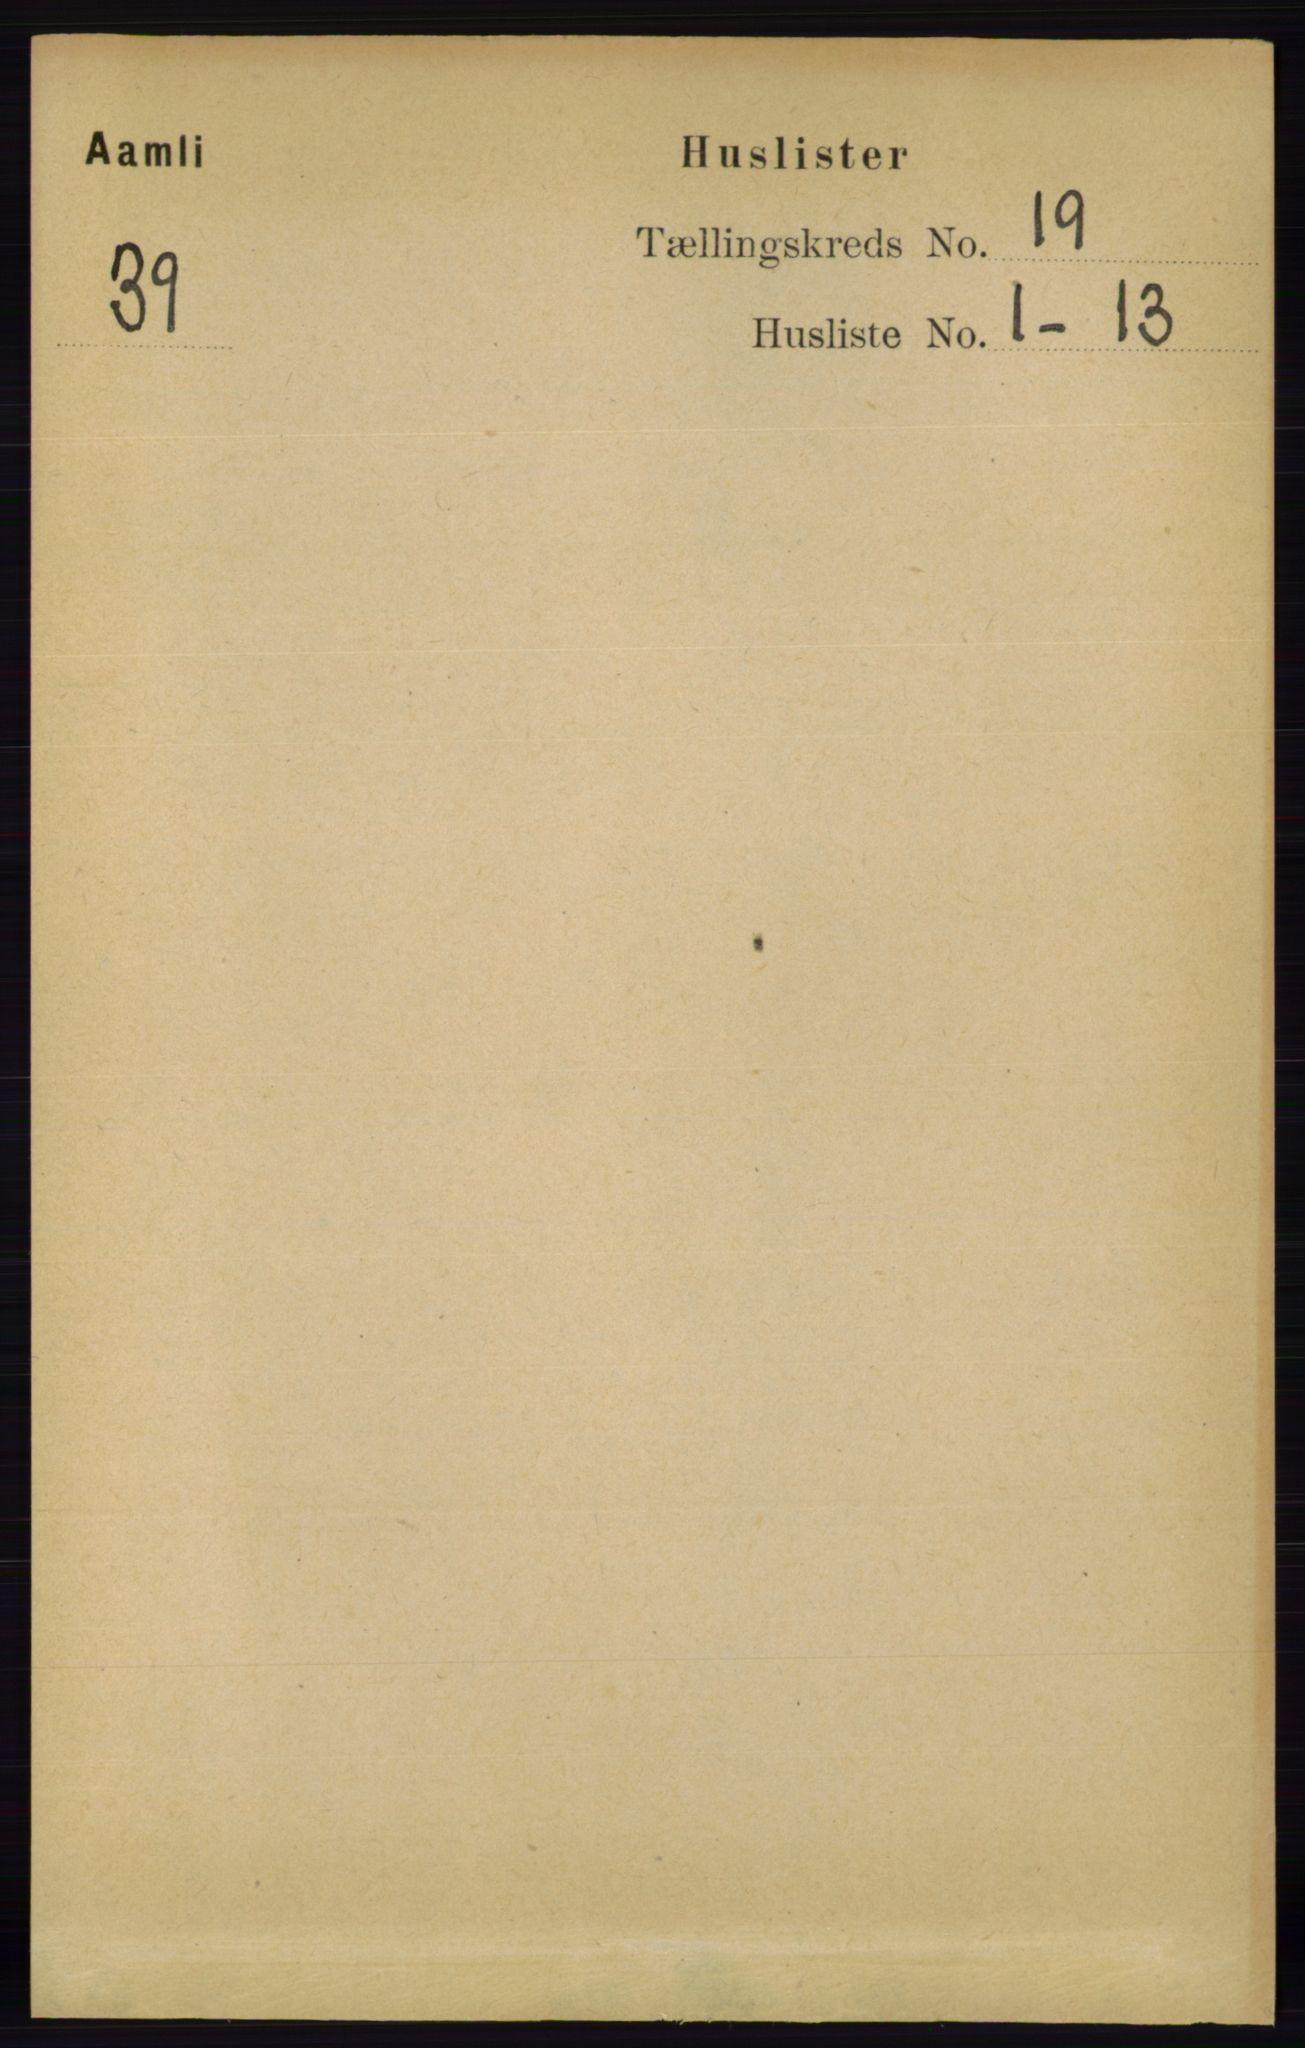 RA, Folketelling 1891 for 0929 Åmli herred, 1891, s. 3126